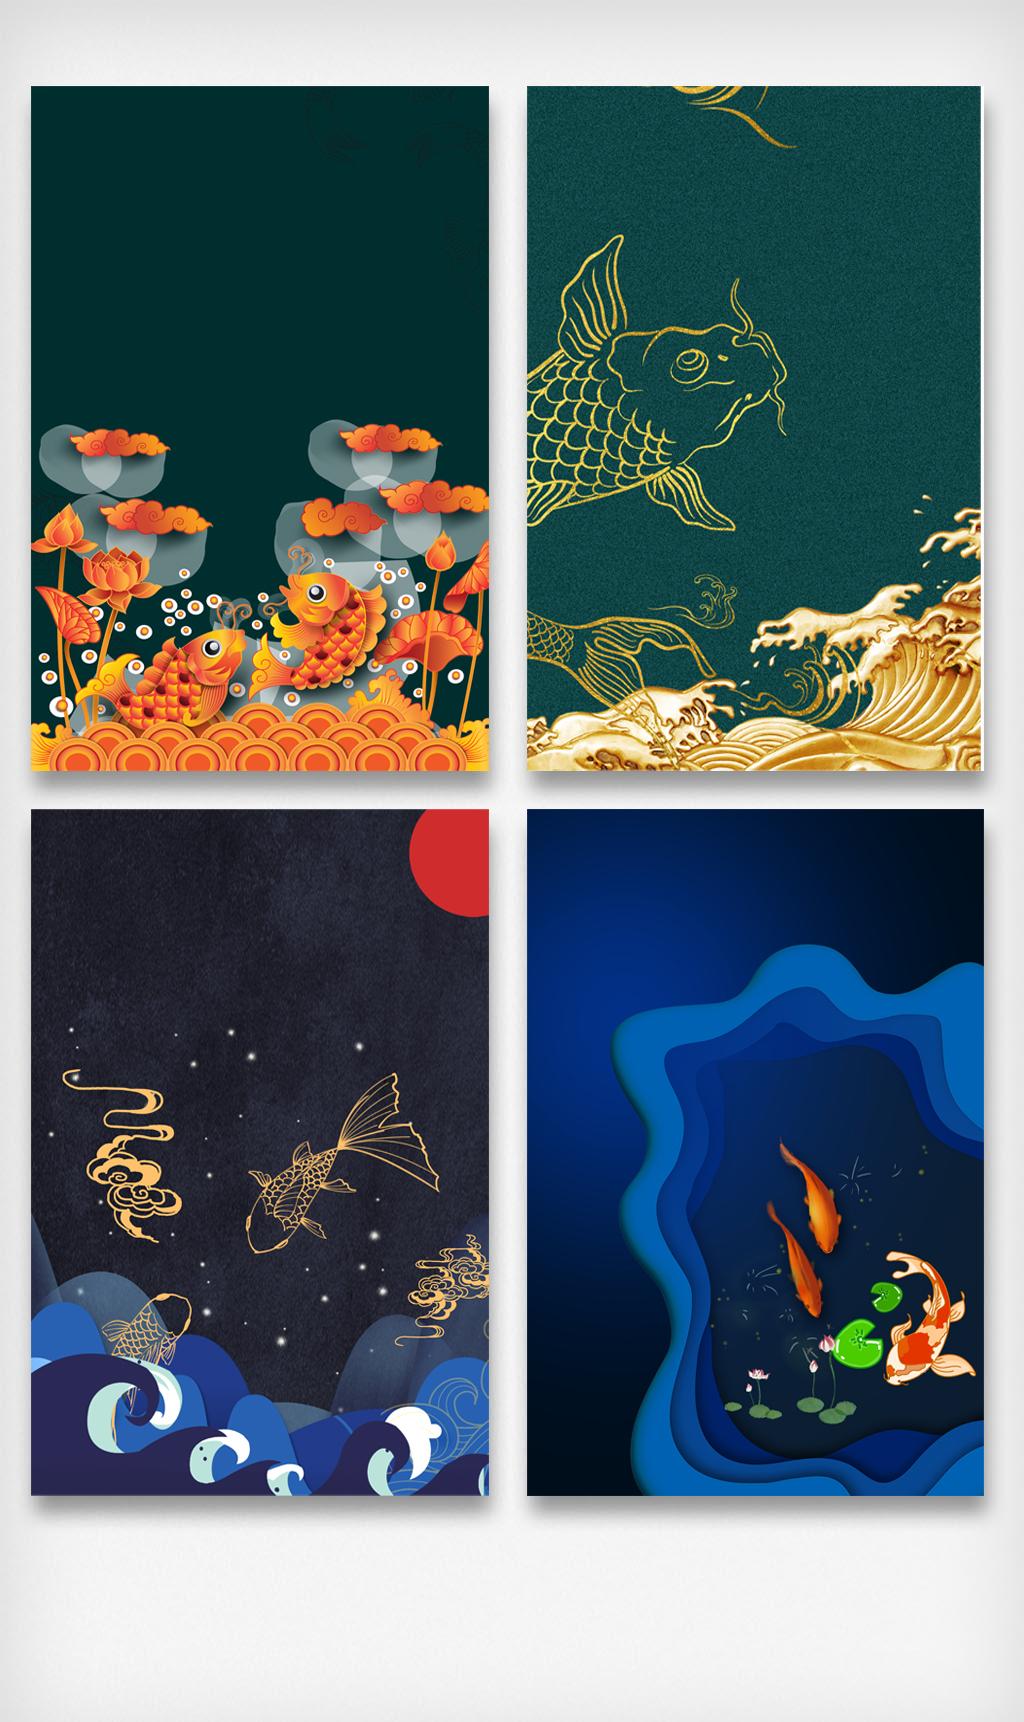 国际中国风锦鲤海报背景元素图片素材(psd分层格式)